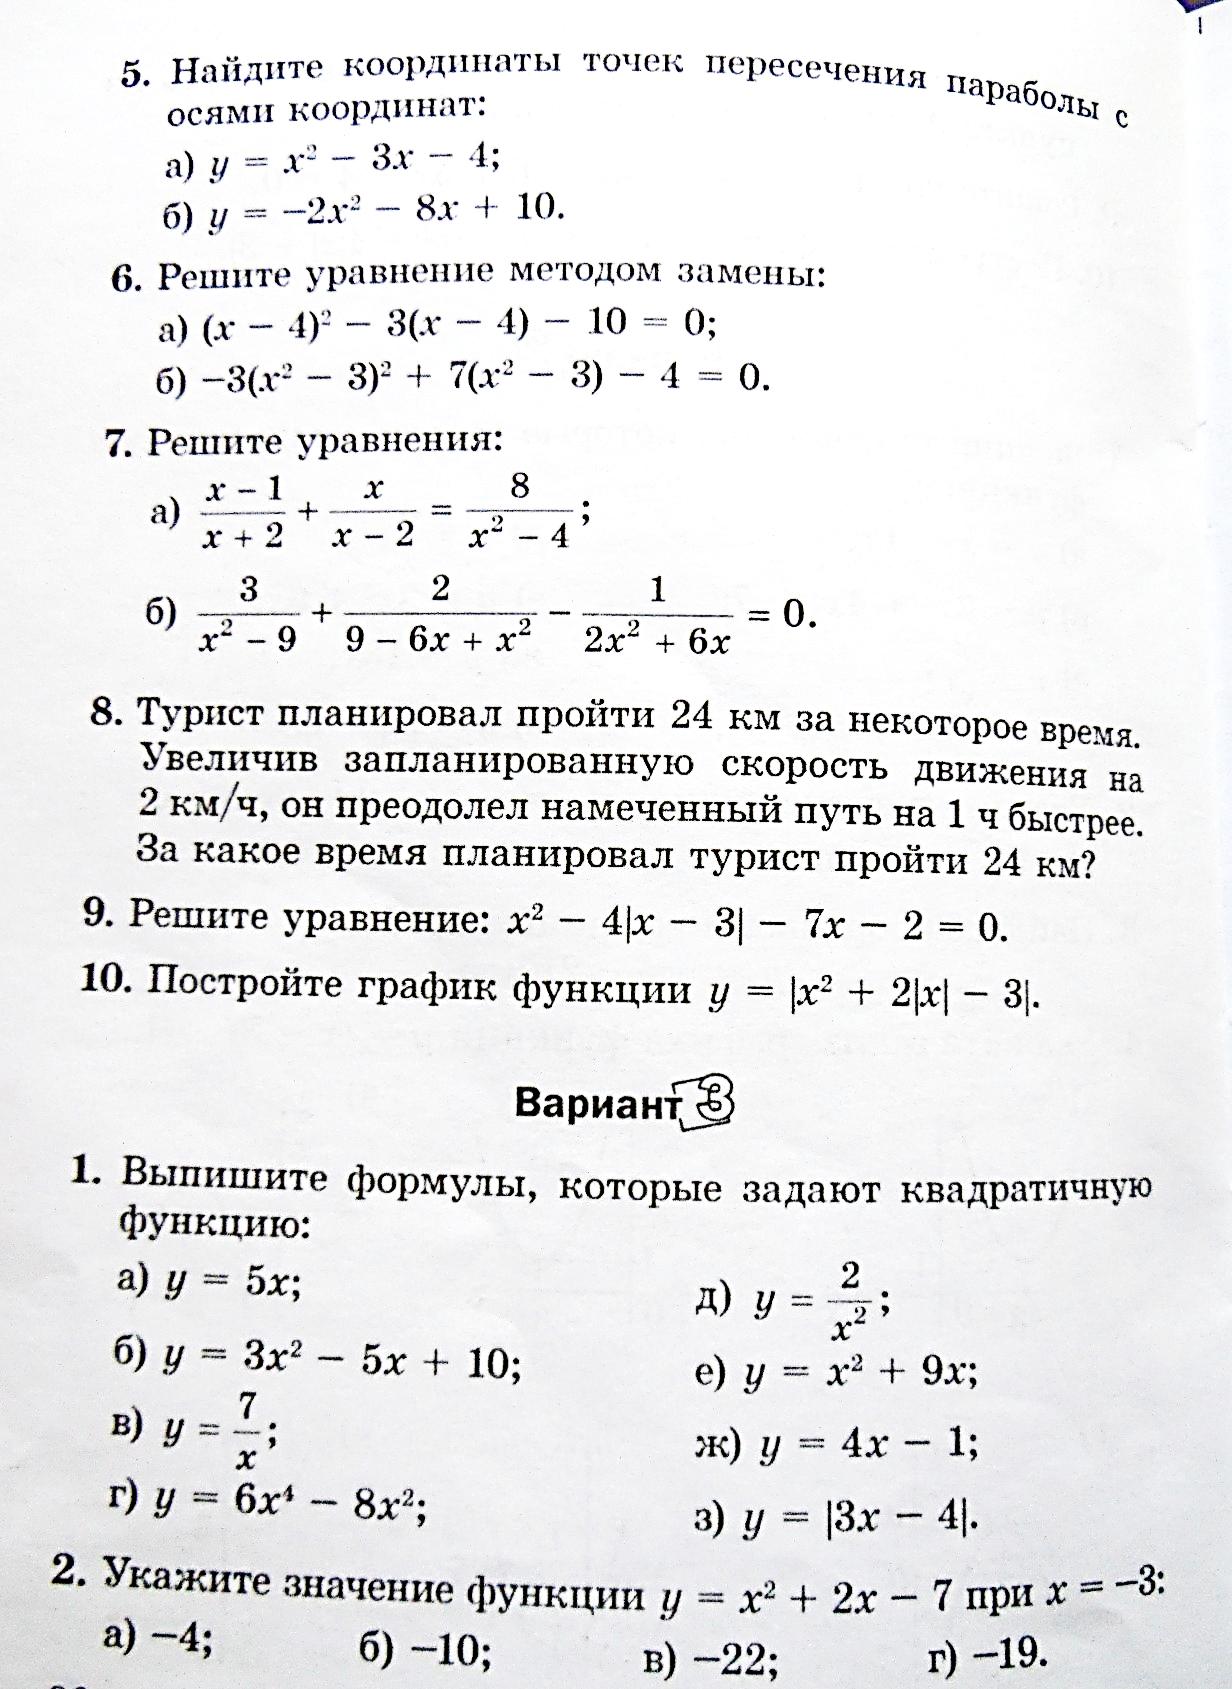 Контрольная работа по теме квадратичная функция ответы 1002